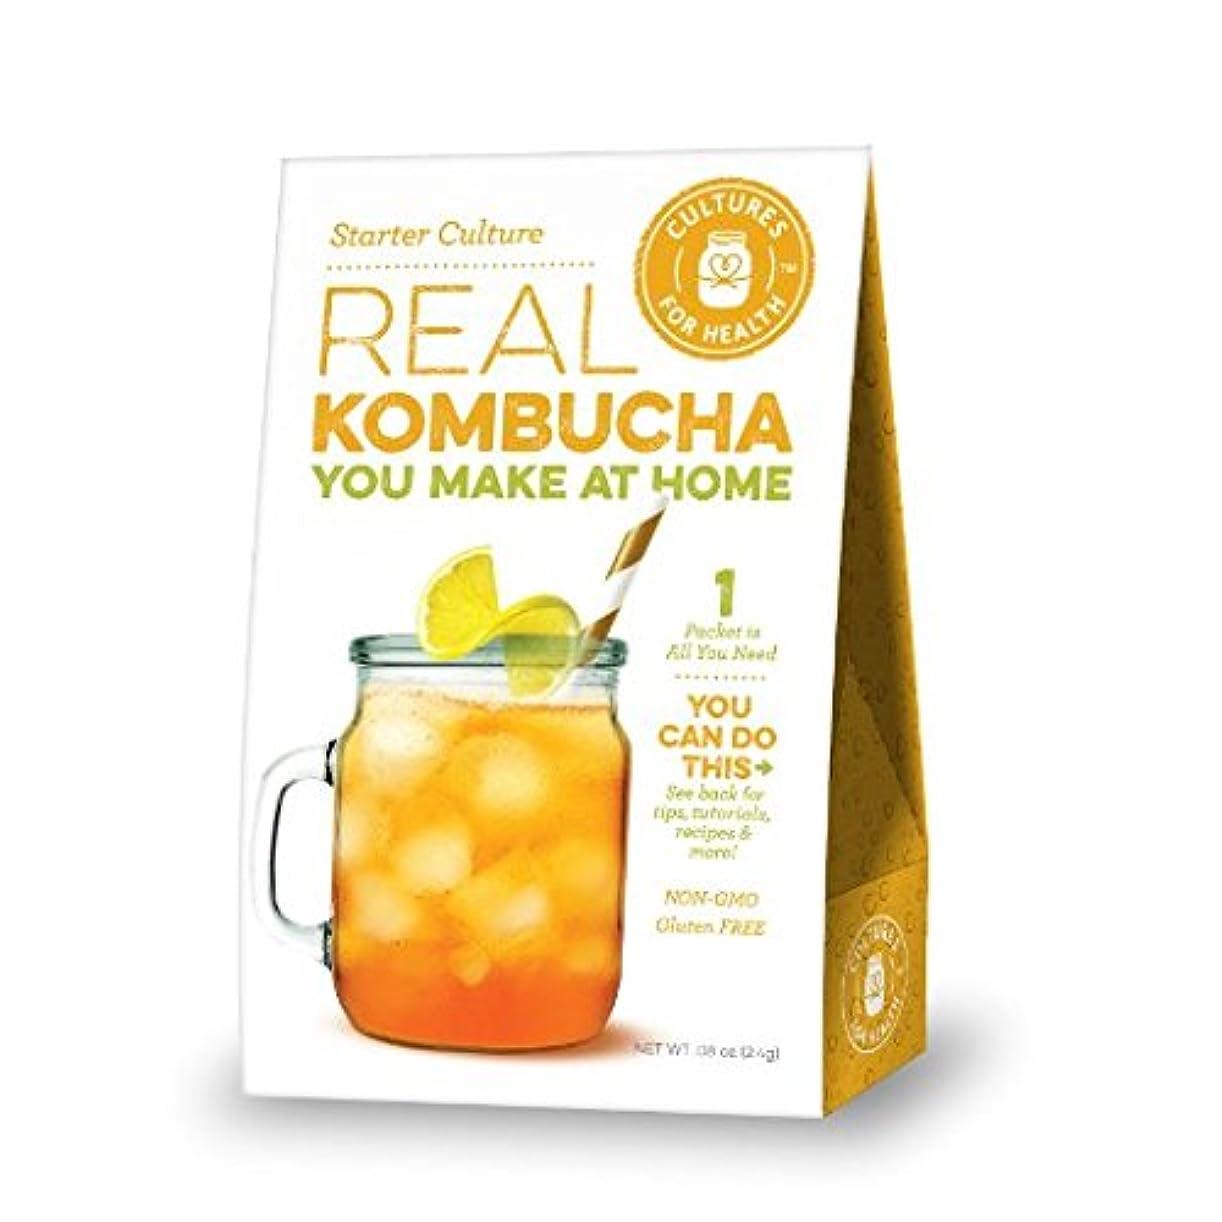 牧師トリッキー教科書日本でも大ヒットのKombucha 紅茶キノコダイエット 日本非売品を並行輸入(海外直送品) (紅茶キノコをお家で培養(菌の販売) [並行輸入品]